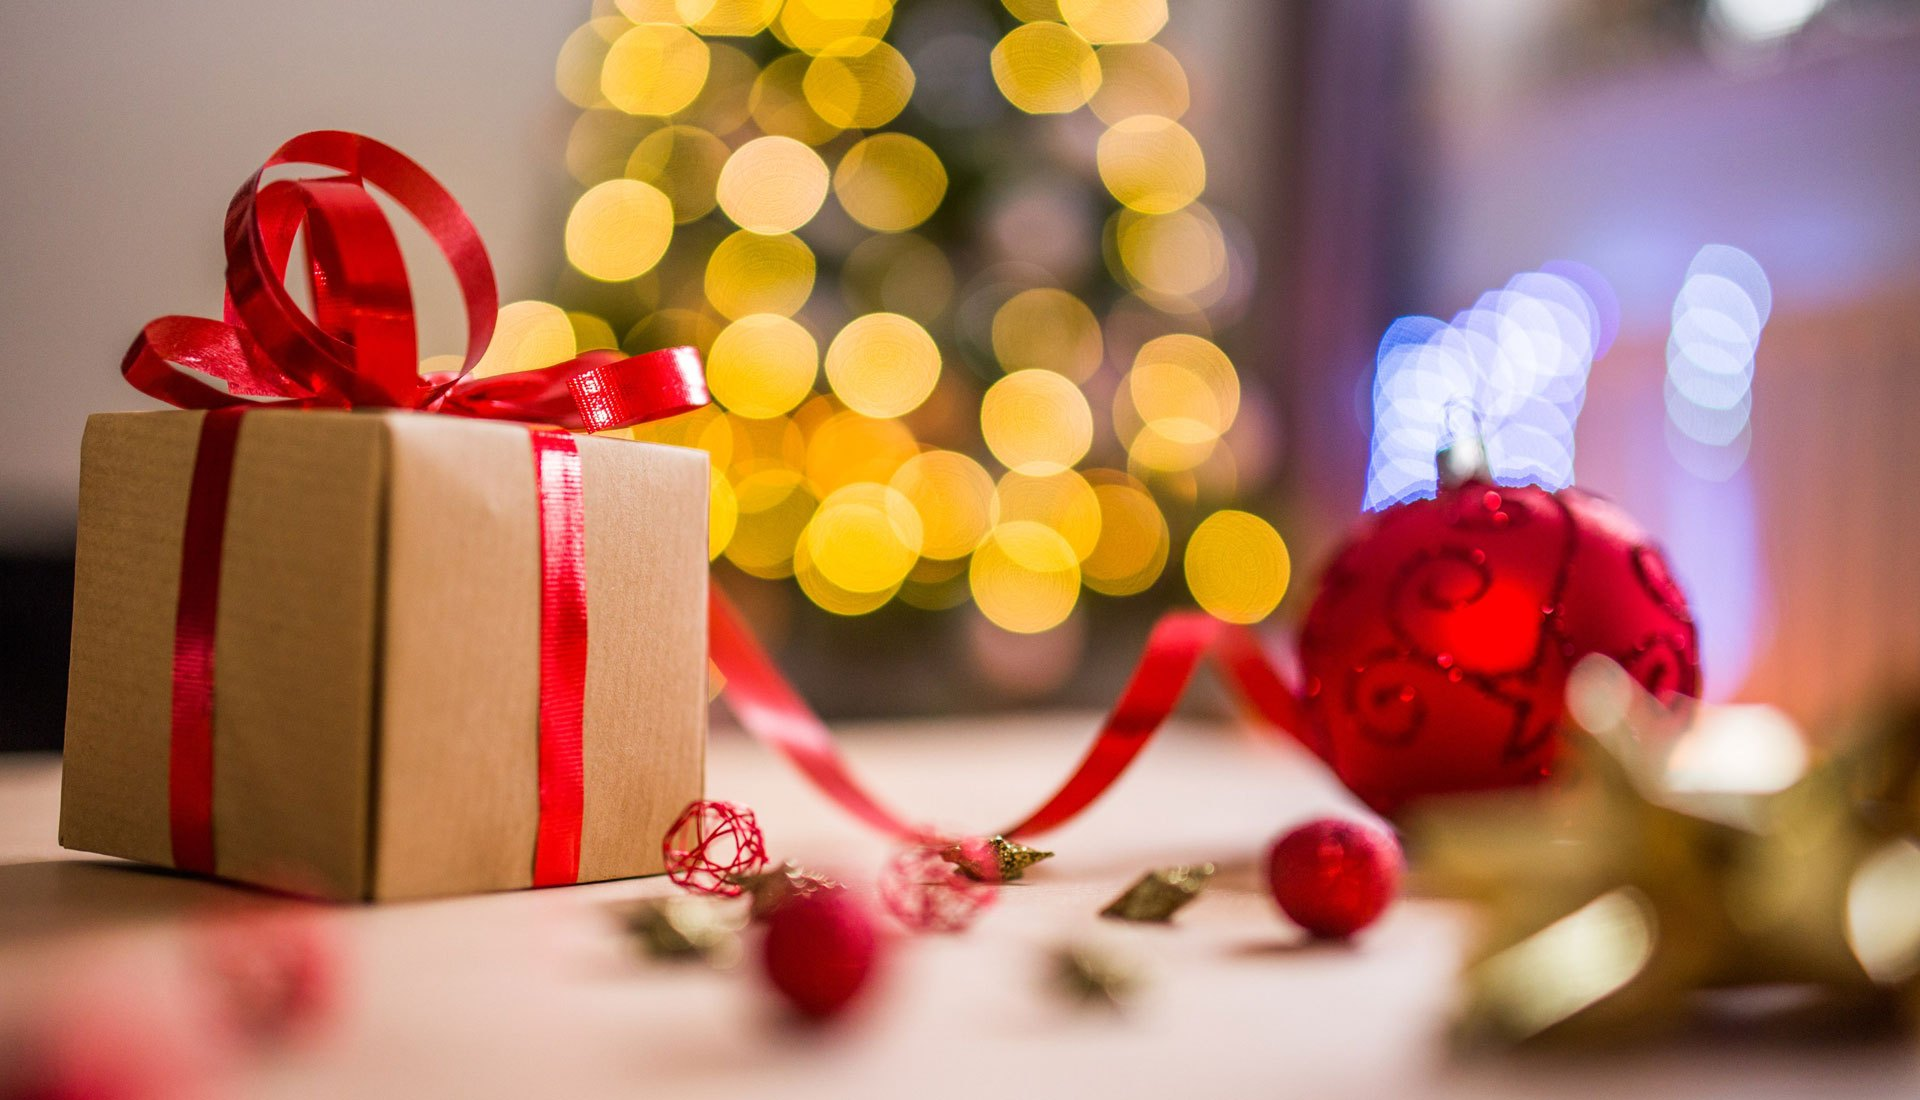 Quando dovresti preparare l'ecommerce per le vendite natalizie?